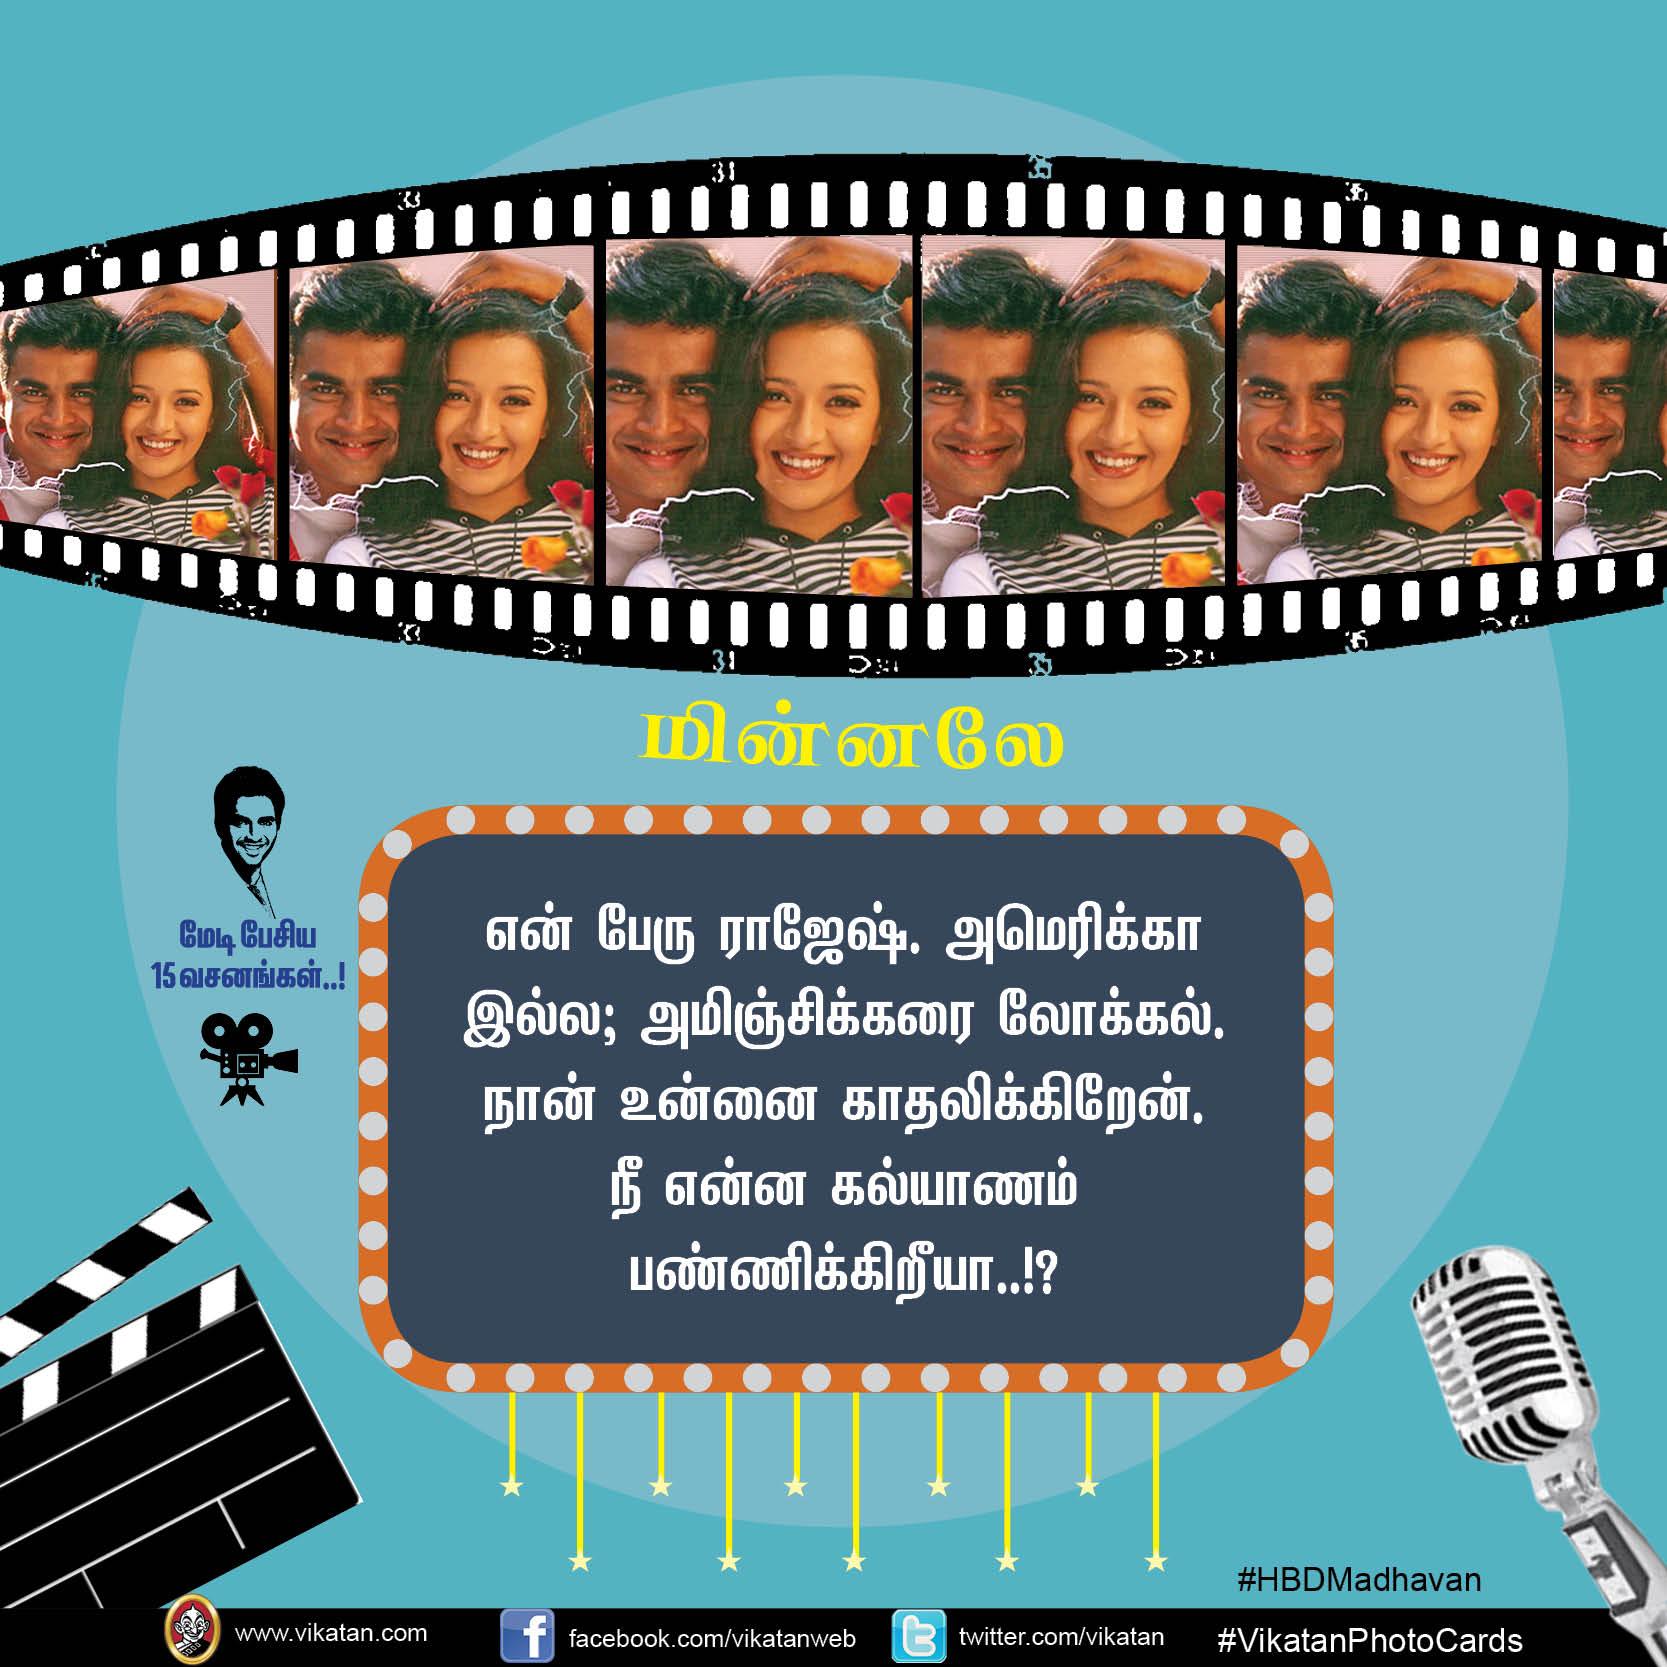 காதலாக... கோவமாக... அக்கறையாக... கெத்தாக... மேடி பேசிய 15 வசனங்கள்..! #HBDMadhavan #VikatanPhotoCards தொகுப்பு: ர.ரகுபதி